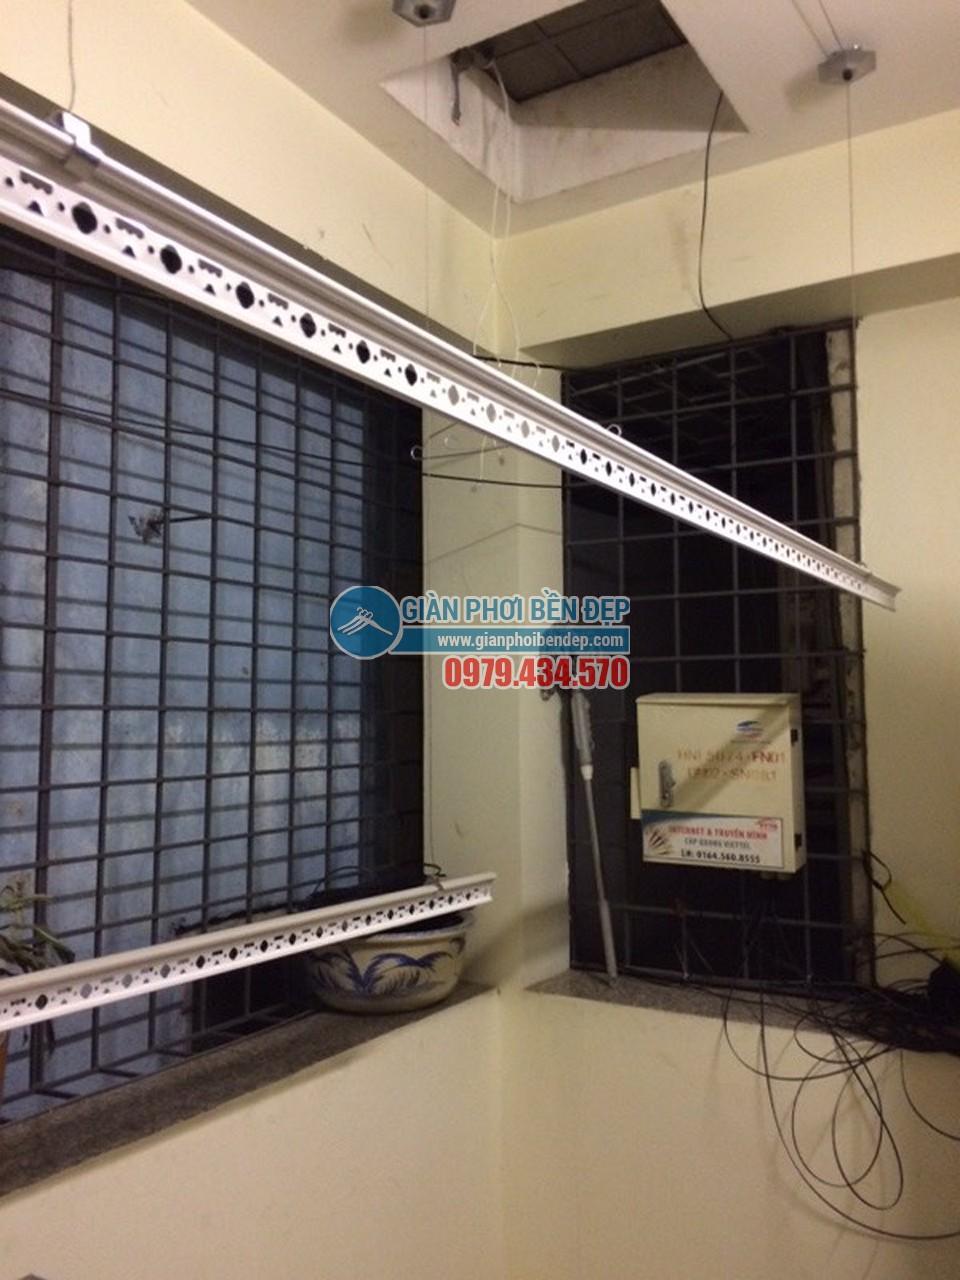 Tiết kiệm không gian nhờ lắp đặt giàn phơi thông minh như nhà chị Huệ, Nguyễn Khang - 04